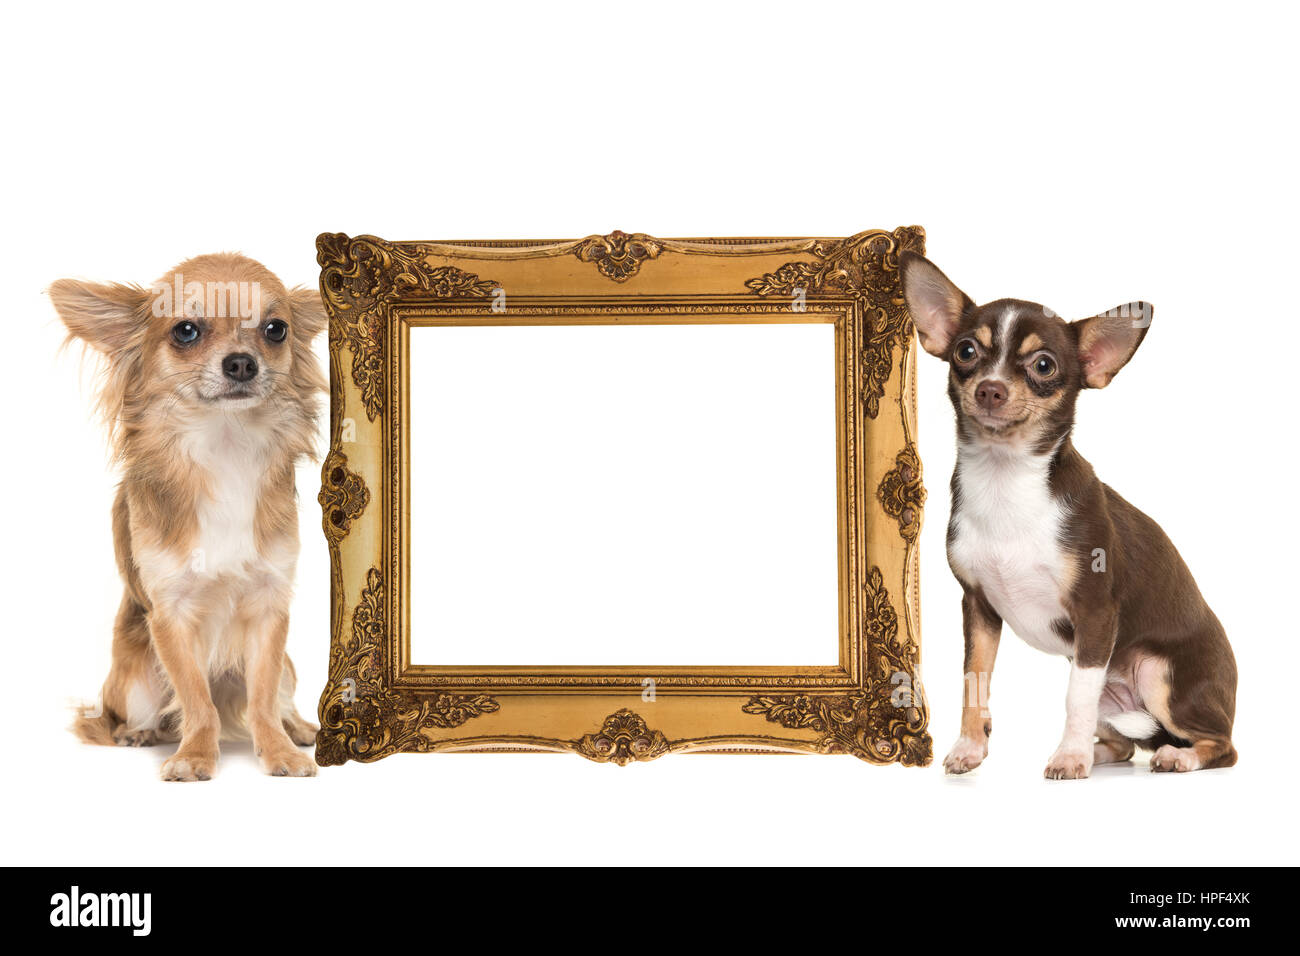 Goldene viktorianischen Bilderrahmen isoliert auf einem weißen ...